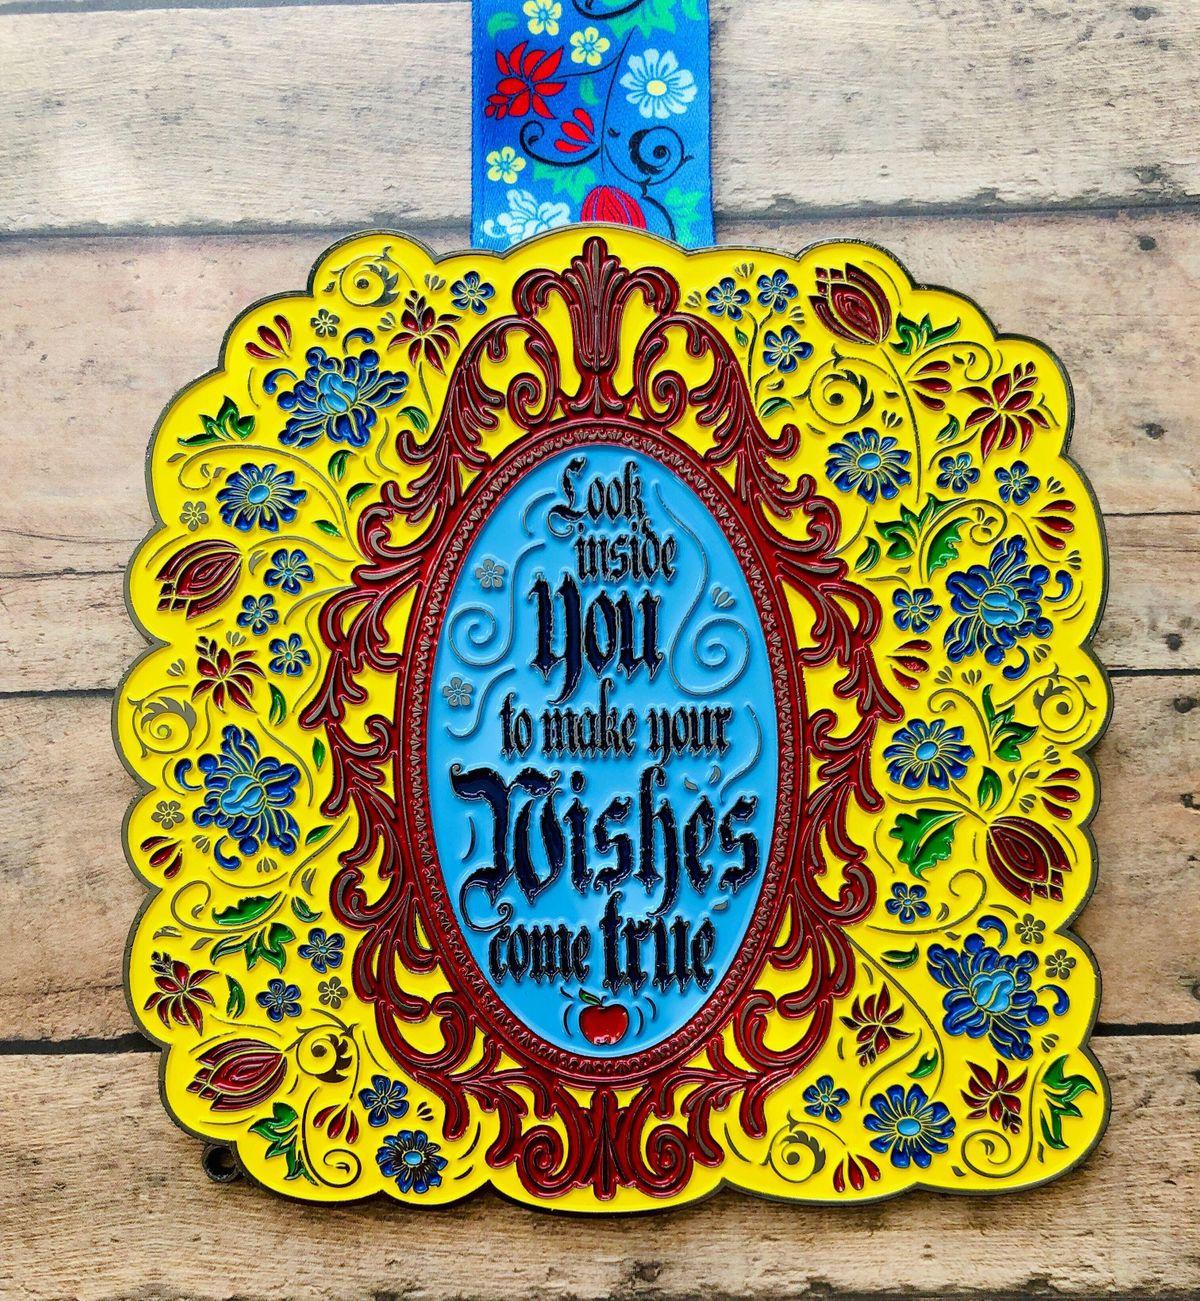 Wishes Come True 1M 5K 10K 13.1 26.2 - Nashville